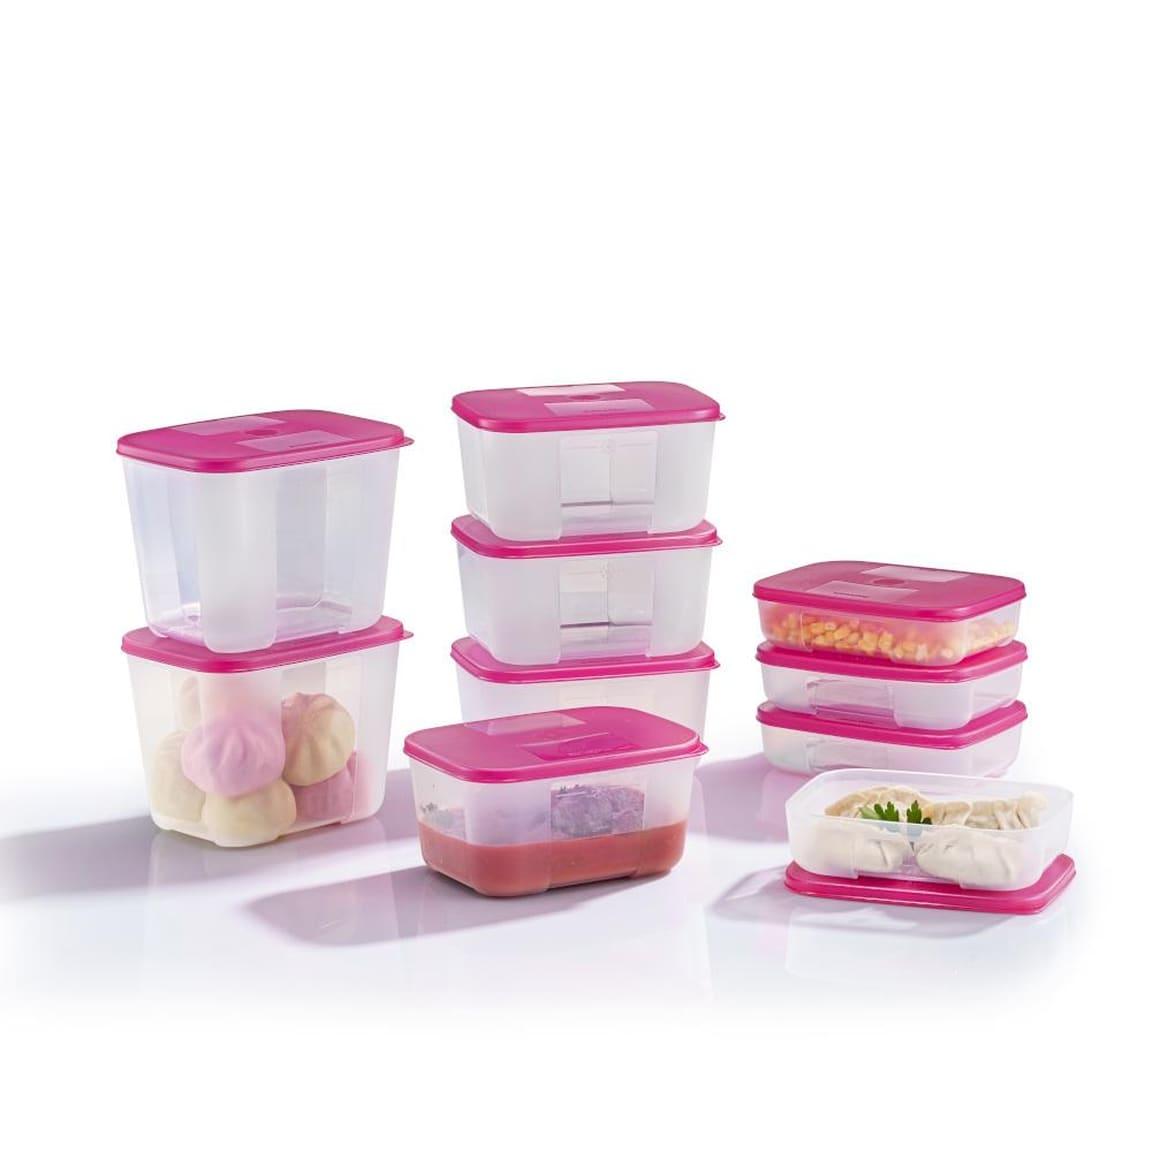 FreezerMate Small Set